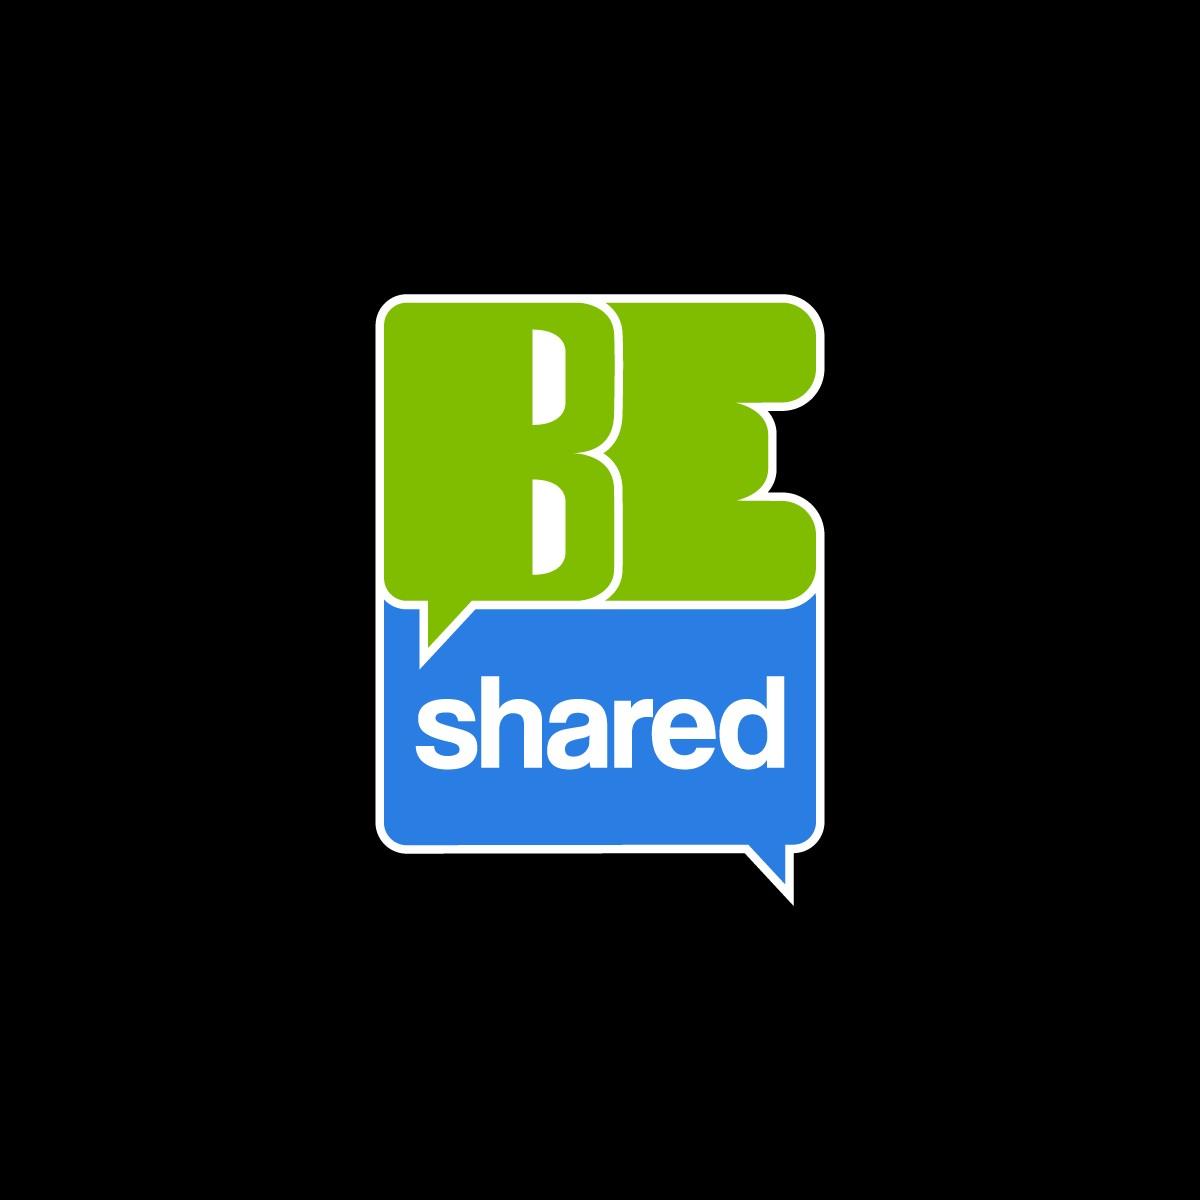 Beshared